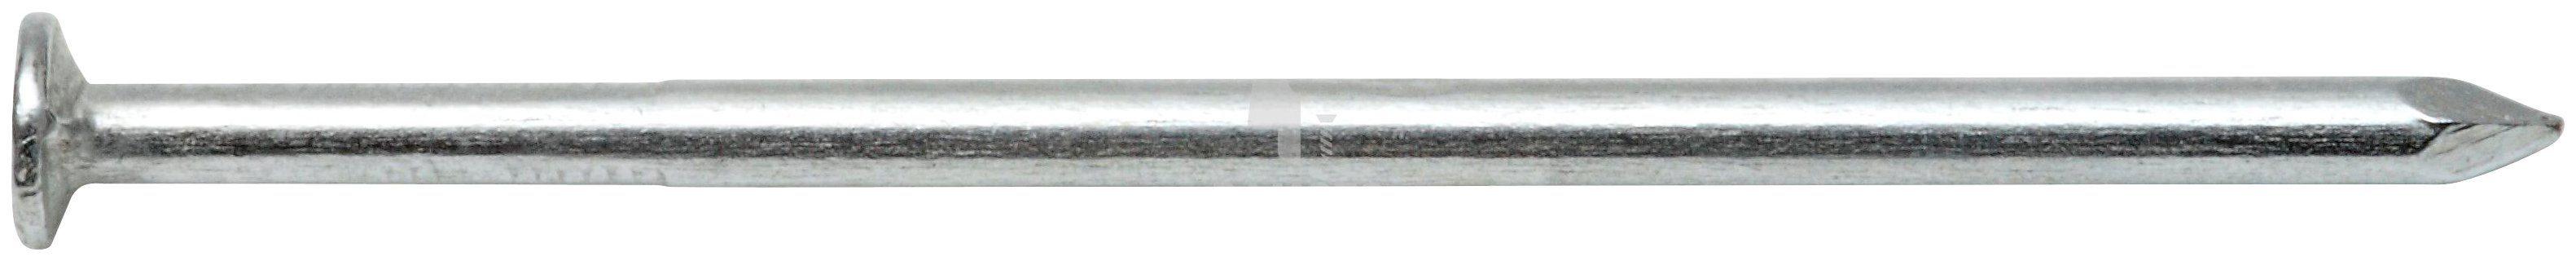 RAMSES Nagel , Senkkopf DIN 1151 3,1 x 70 mm Stahl verzinkt, 2,5 kg